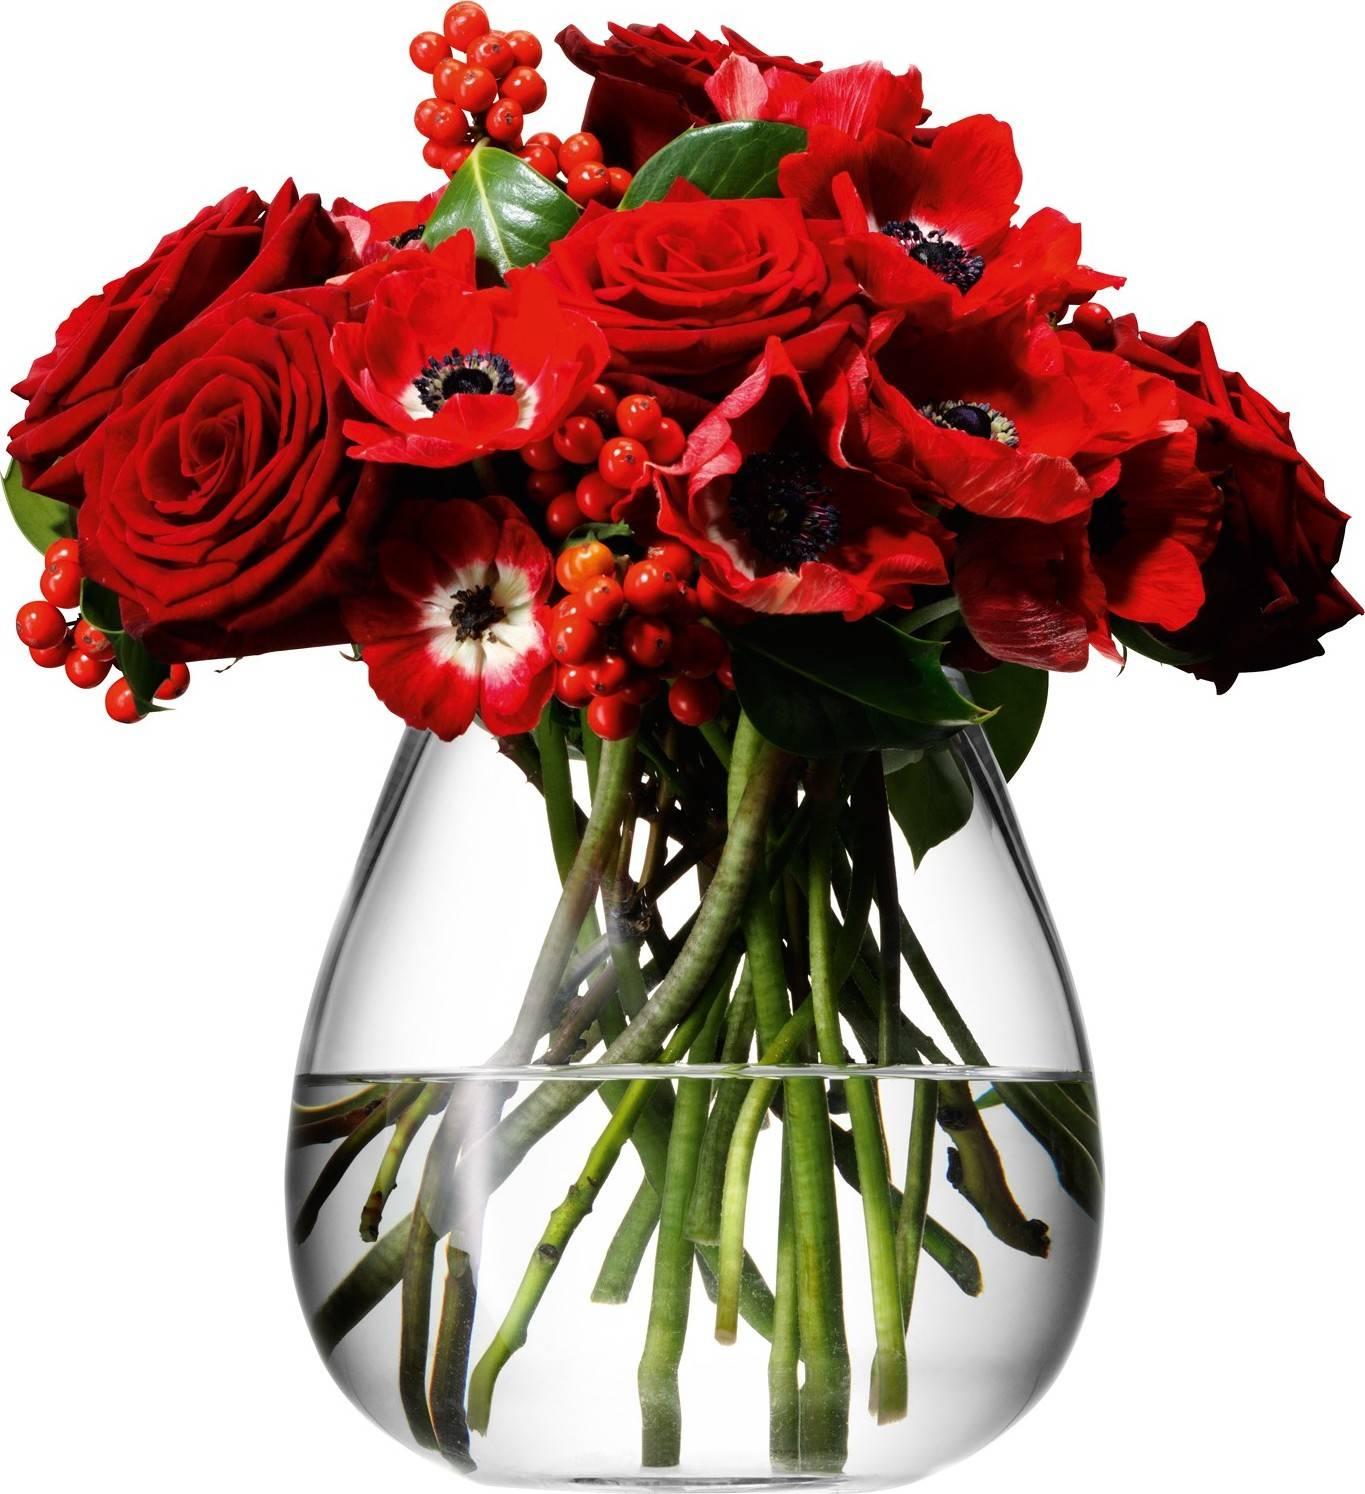 LSA Flower skleněná váza stolní, 17cm, čirá, Handmade G597-17-301 LSA International